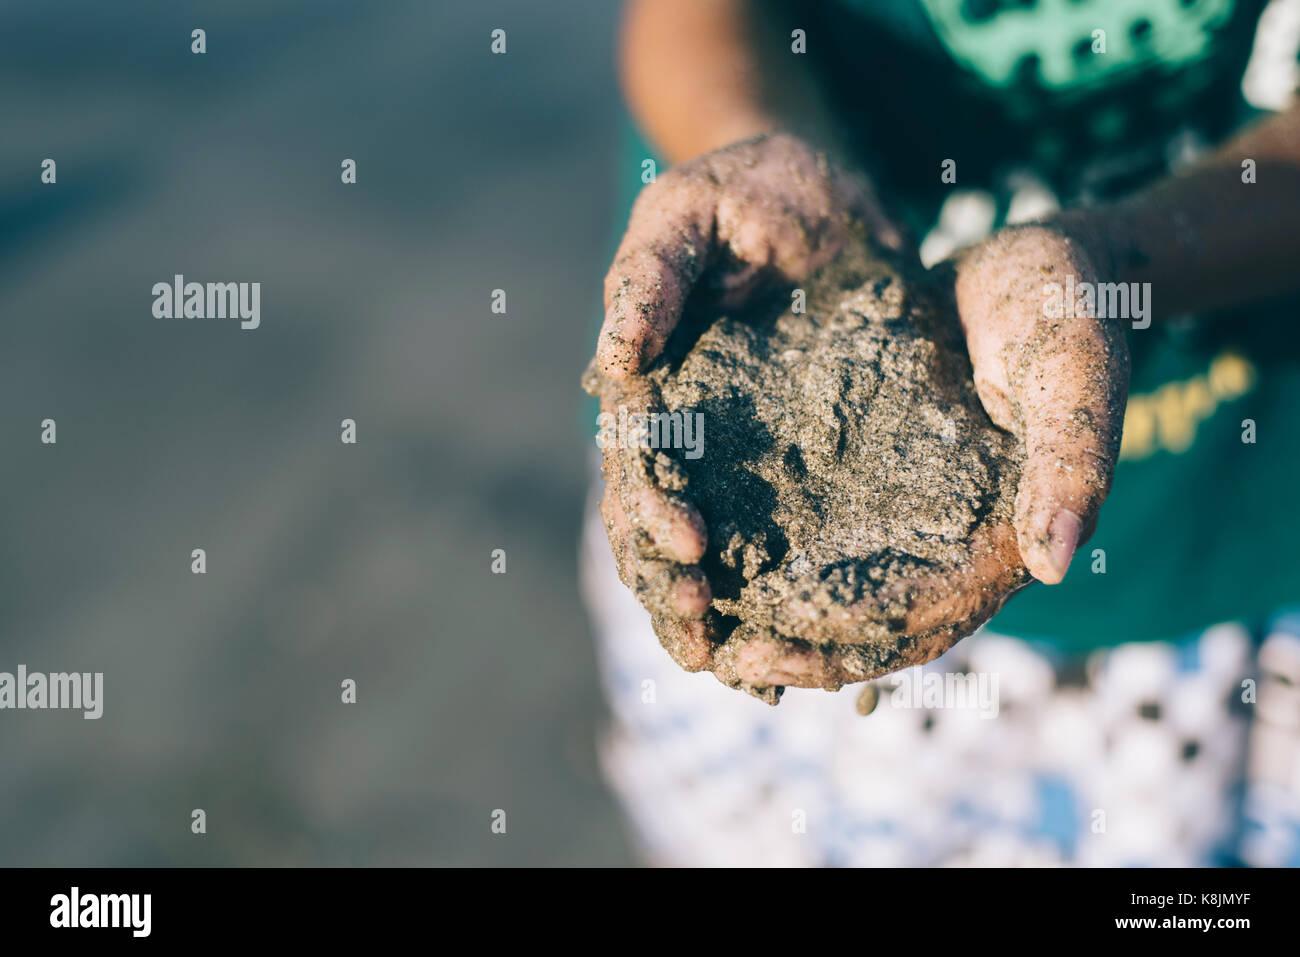 Bambini che giocano con le spiagge di sabbia.per divertirsi con la famiglia.Concetto di vacanza. Immagini Stock